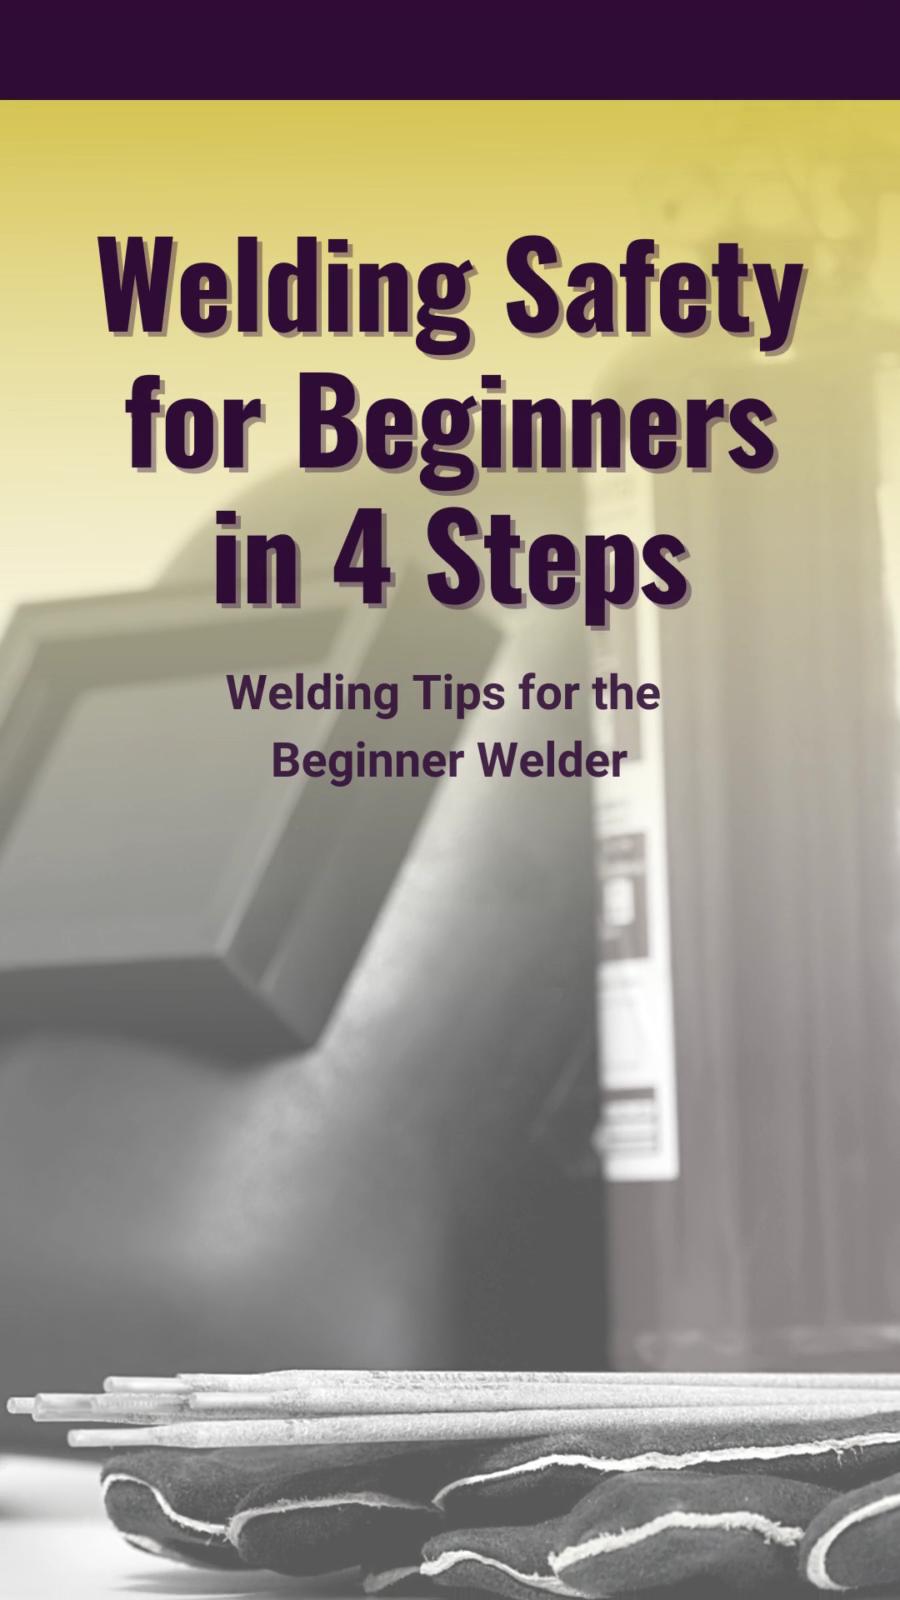 Welding Safety for the Beginner Welder in 4 Steps